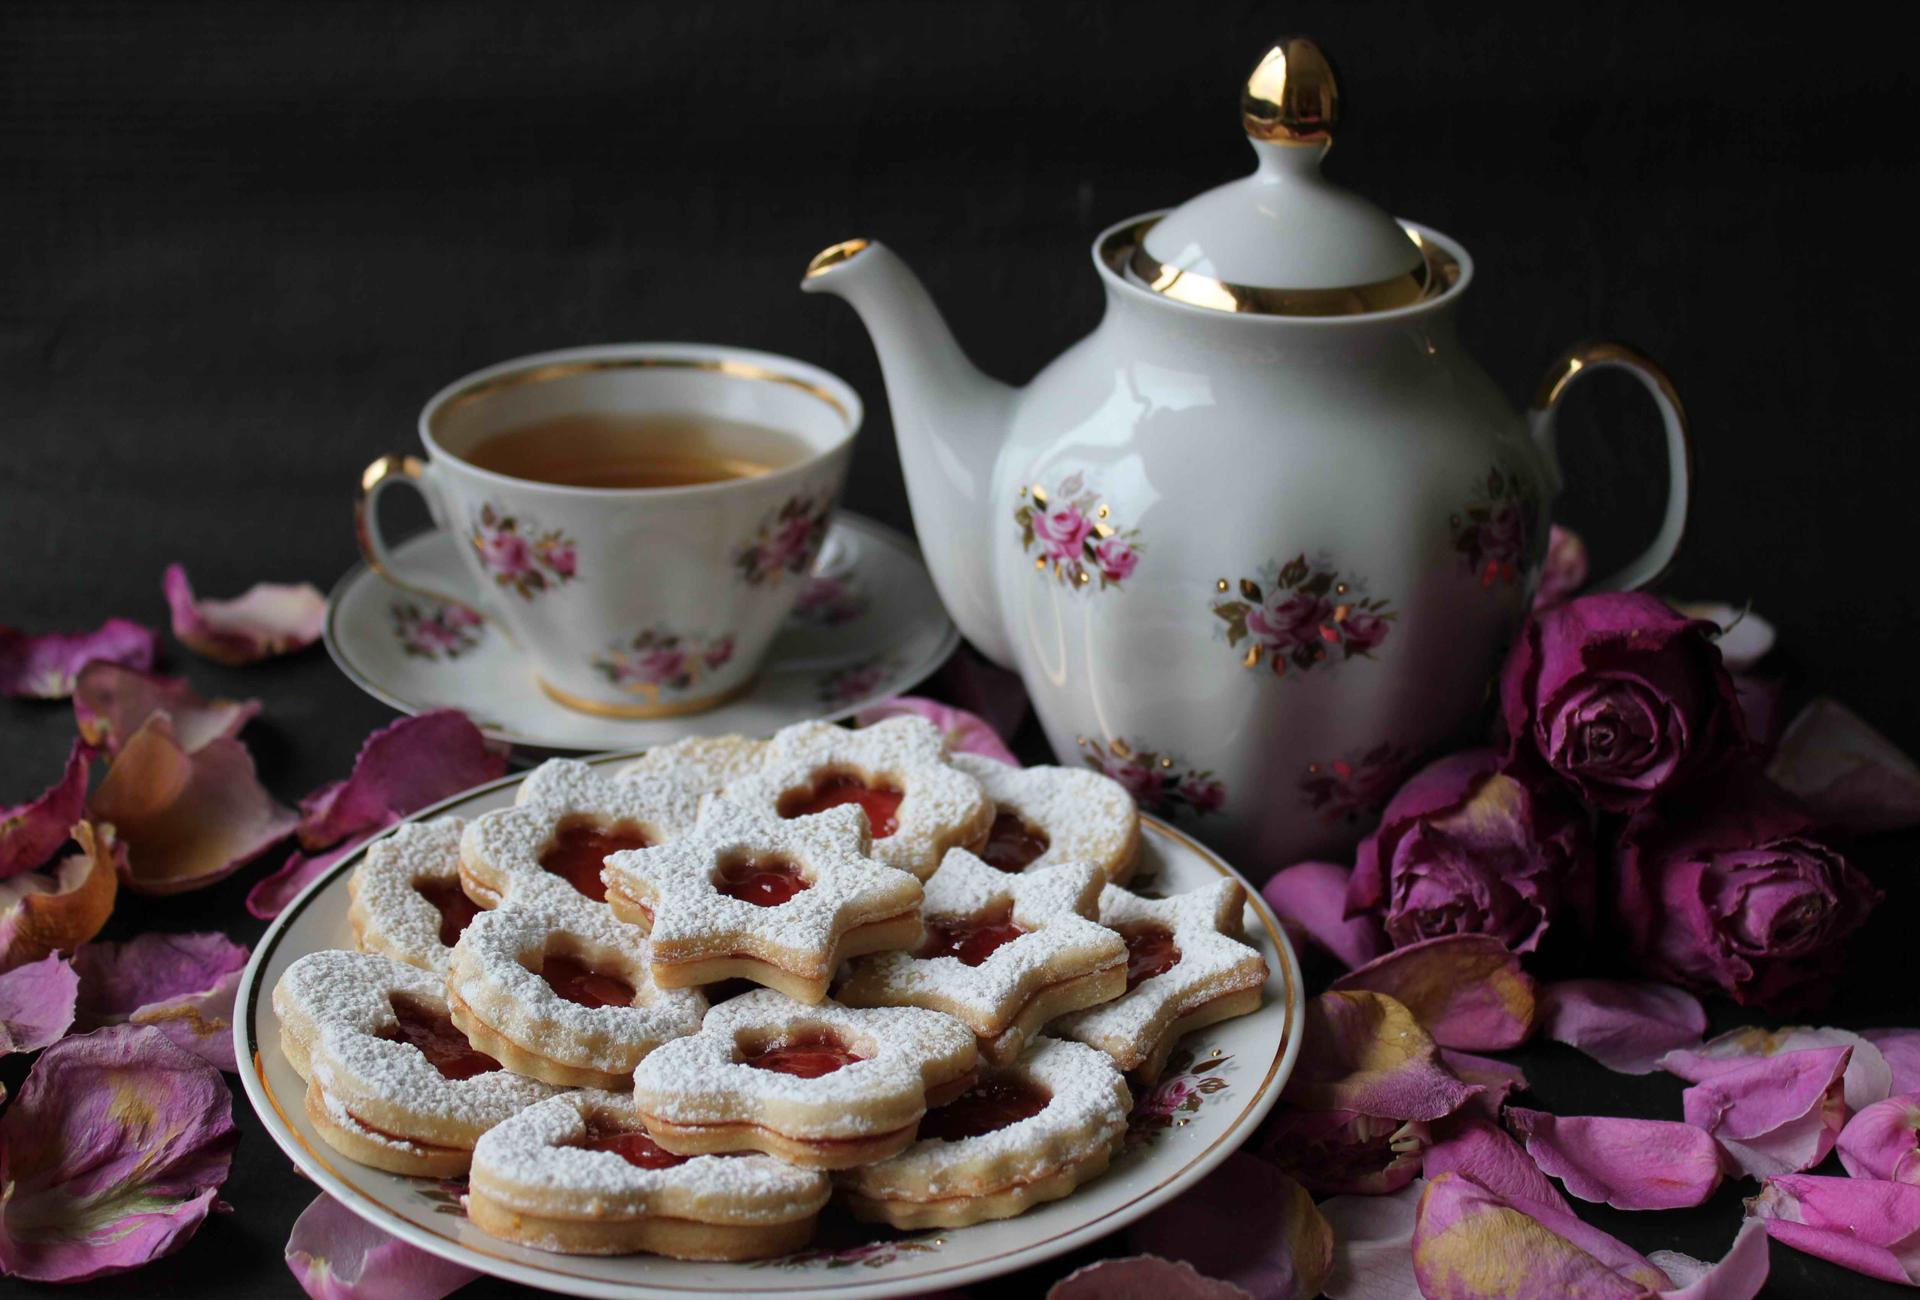 клумбу вполне открытки с чаем и сладостями голых бразильских